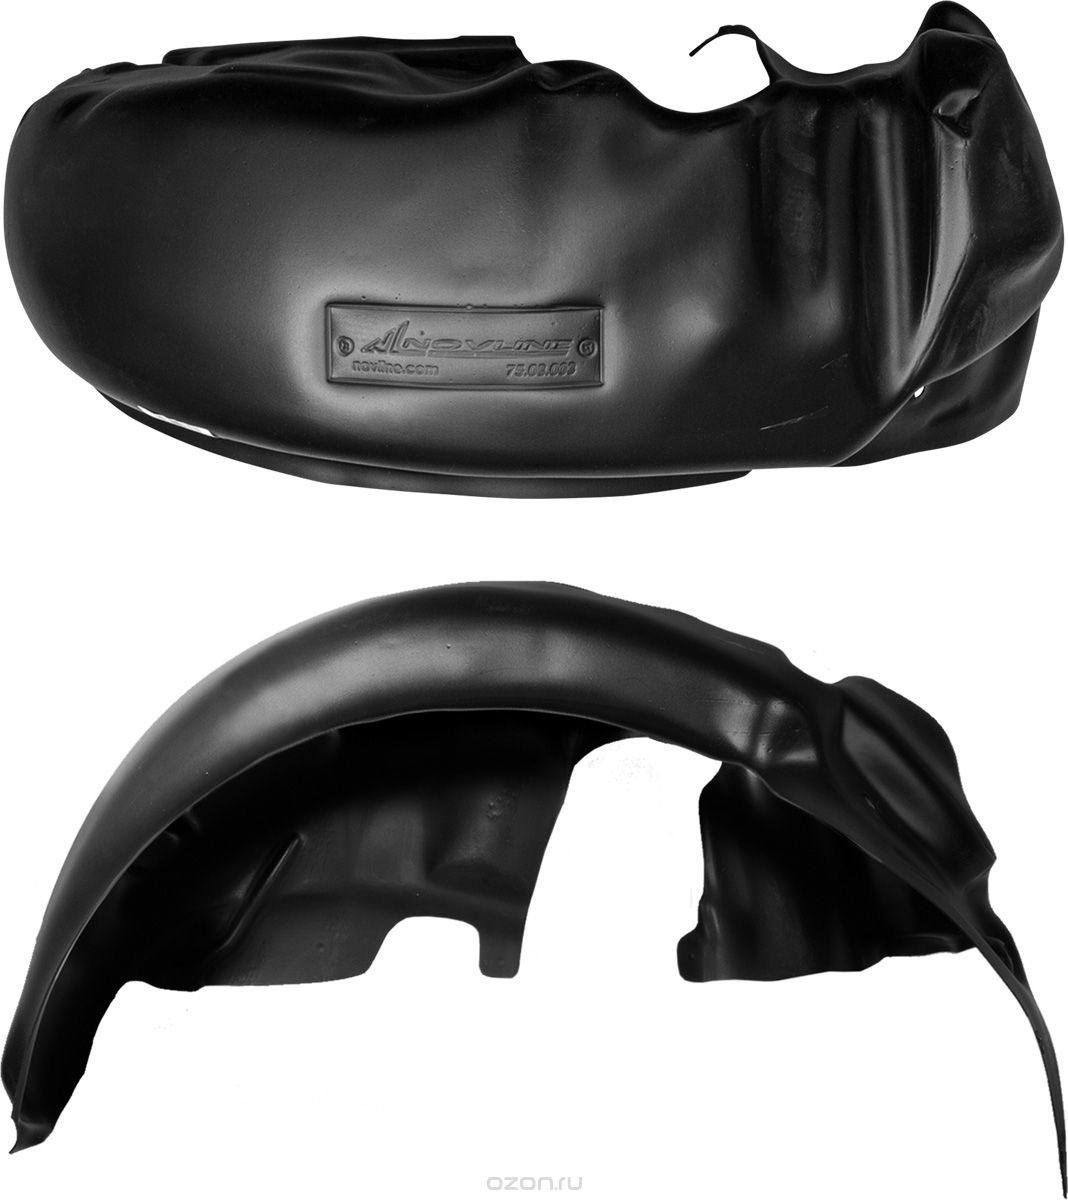 Подкрылок Novline-Autofamily, для CHERY Indis, 2011->, передний левый234100Идеальная защита колесной ниши. Локеры разработаны с применением цифровых технологий, гарантируют максимальную повторяемость поверхности арки. Изделия устанавливаются без нарушения лакокрасочного покрытия автомобиля, каждый подкрылок комплектуется крепежом. Уважаемые клиенты, обращаем ваше внимание, что фотографии на подкрылки универсальные и не отражают реальную форму изделия. При этом само изделие идет точно под размер указанного автомобиля.